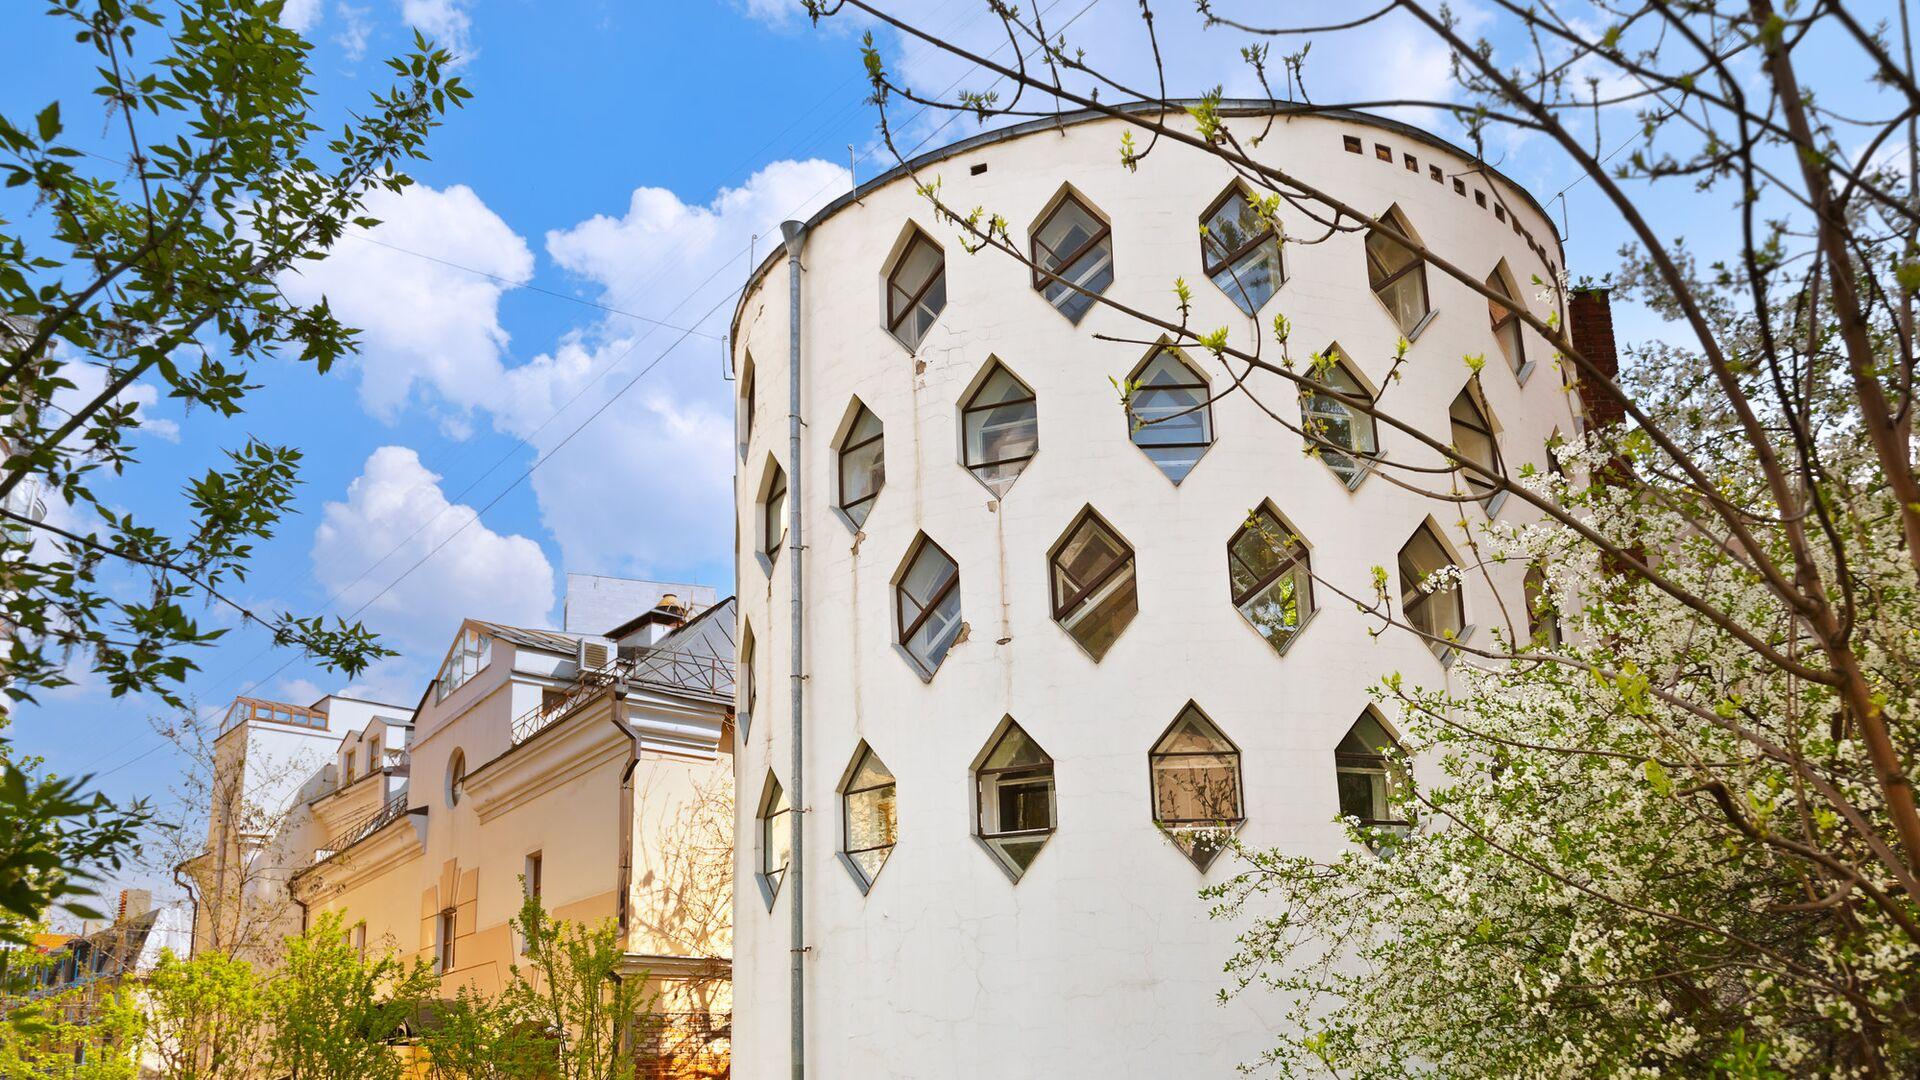 Дом Мельникова в Кривоарбатском переулке в Москве - РИА Новости, 1920, 21.06.2021